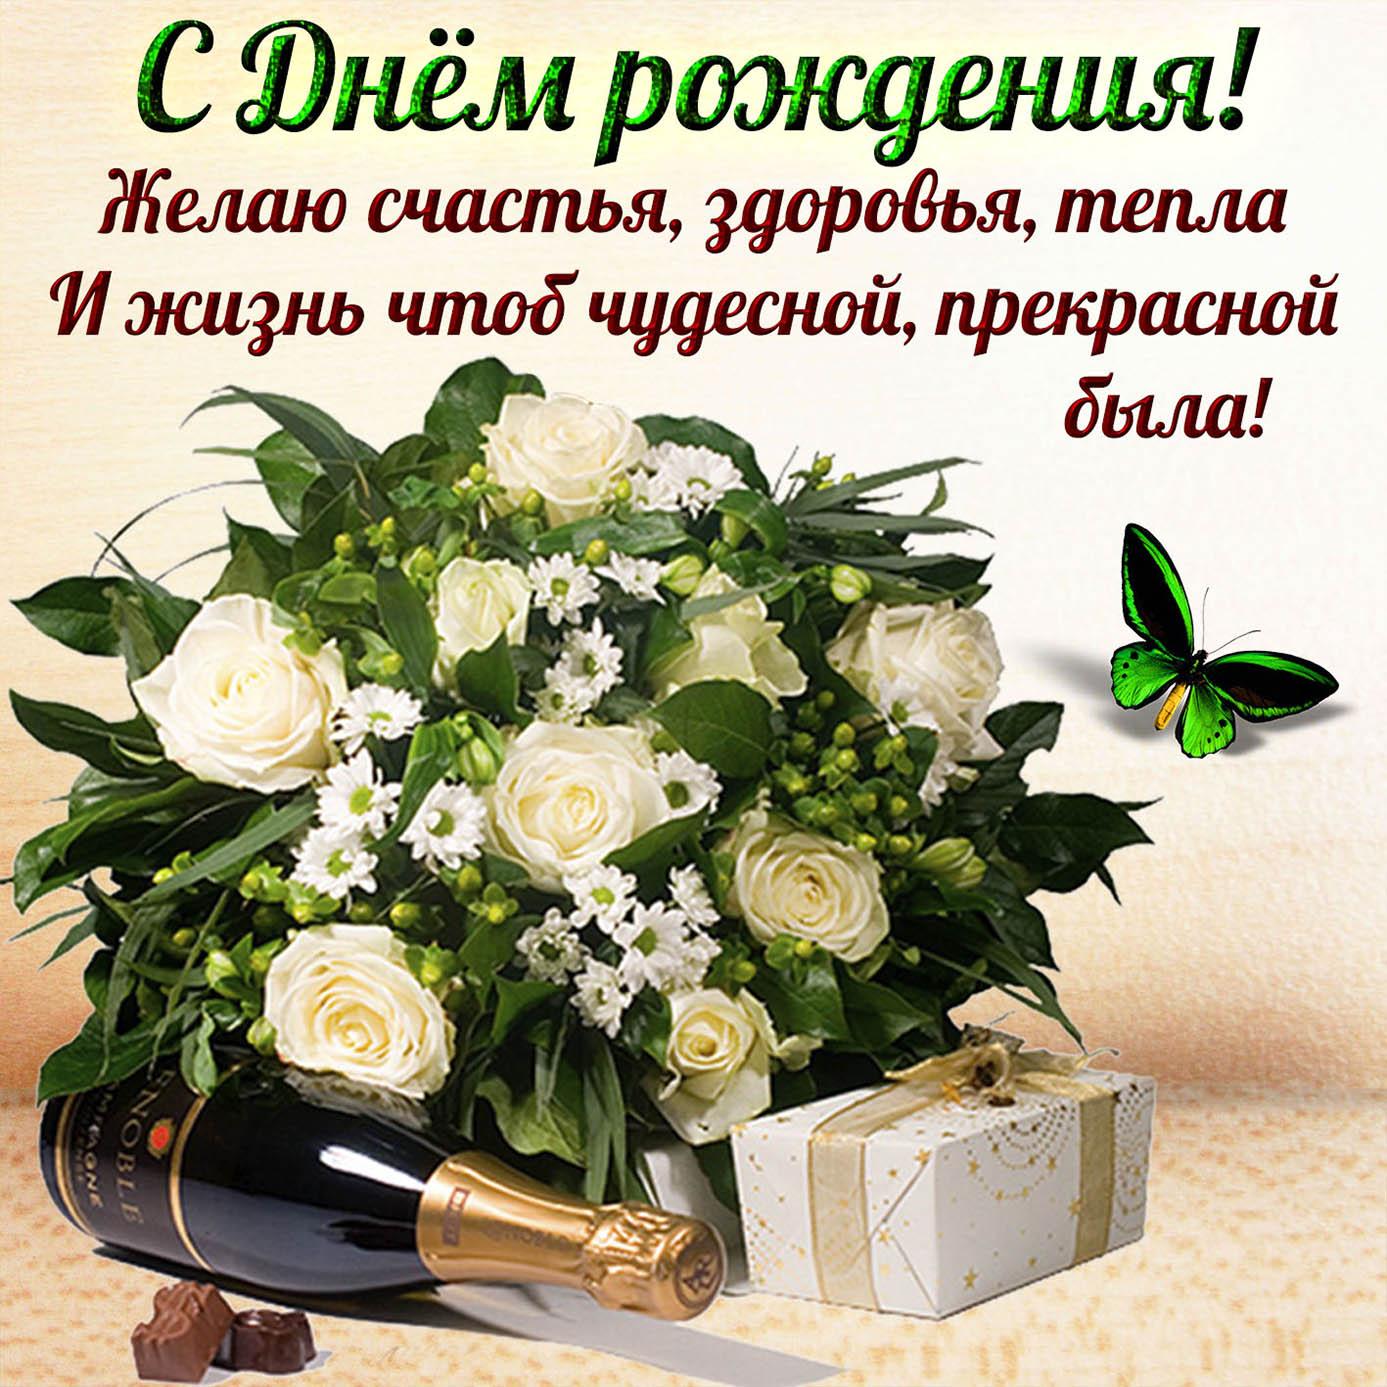 Открытки Открытки с 8 марта с белыми розами, открытка с днём рождения с белыми розами. Открытка с белыми розами. Картинки С днём рождения с белыми розами. Картинки девушка с белыми розами. Картинки с белыми розами. Картинки девушек с белыми розами.